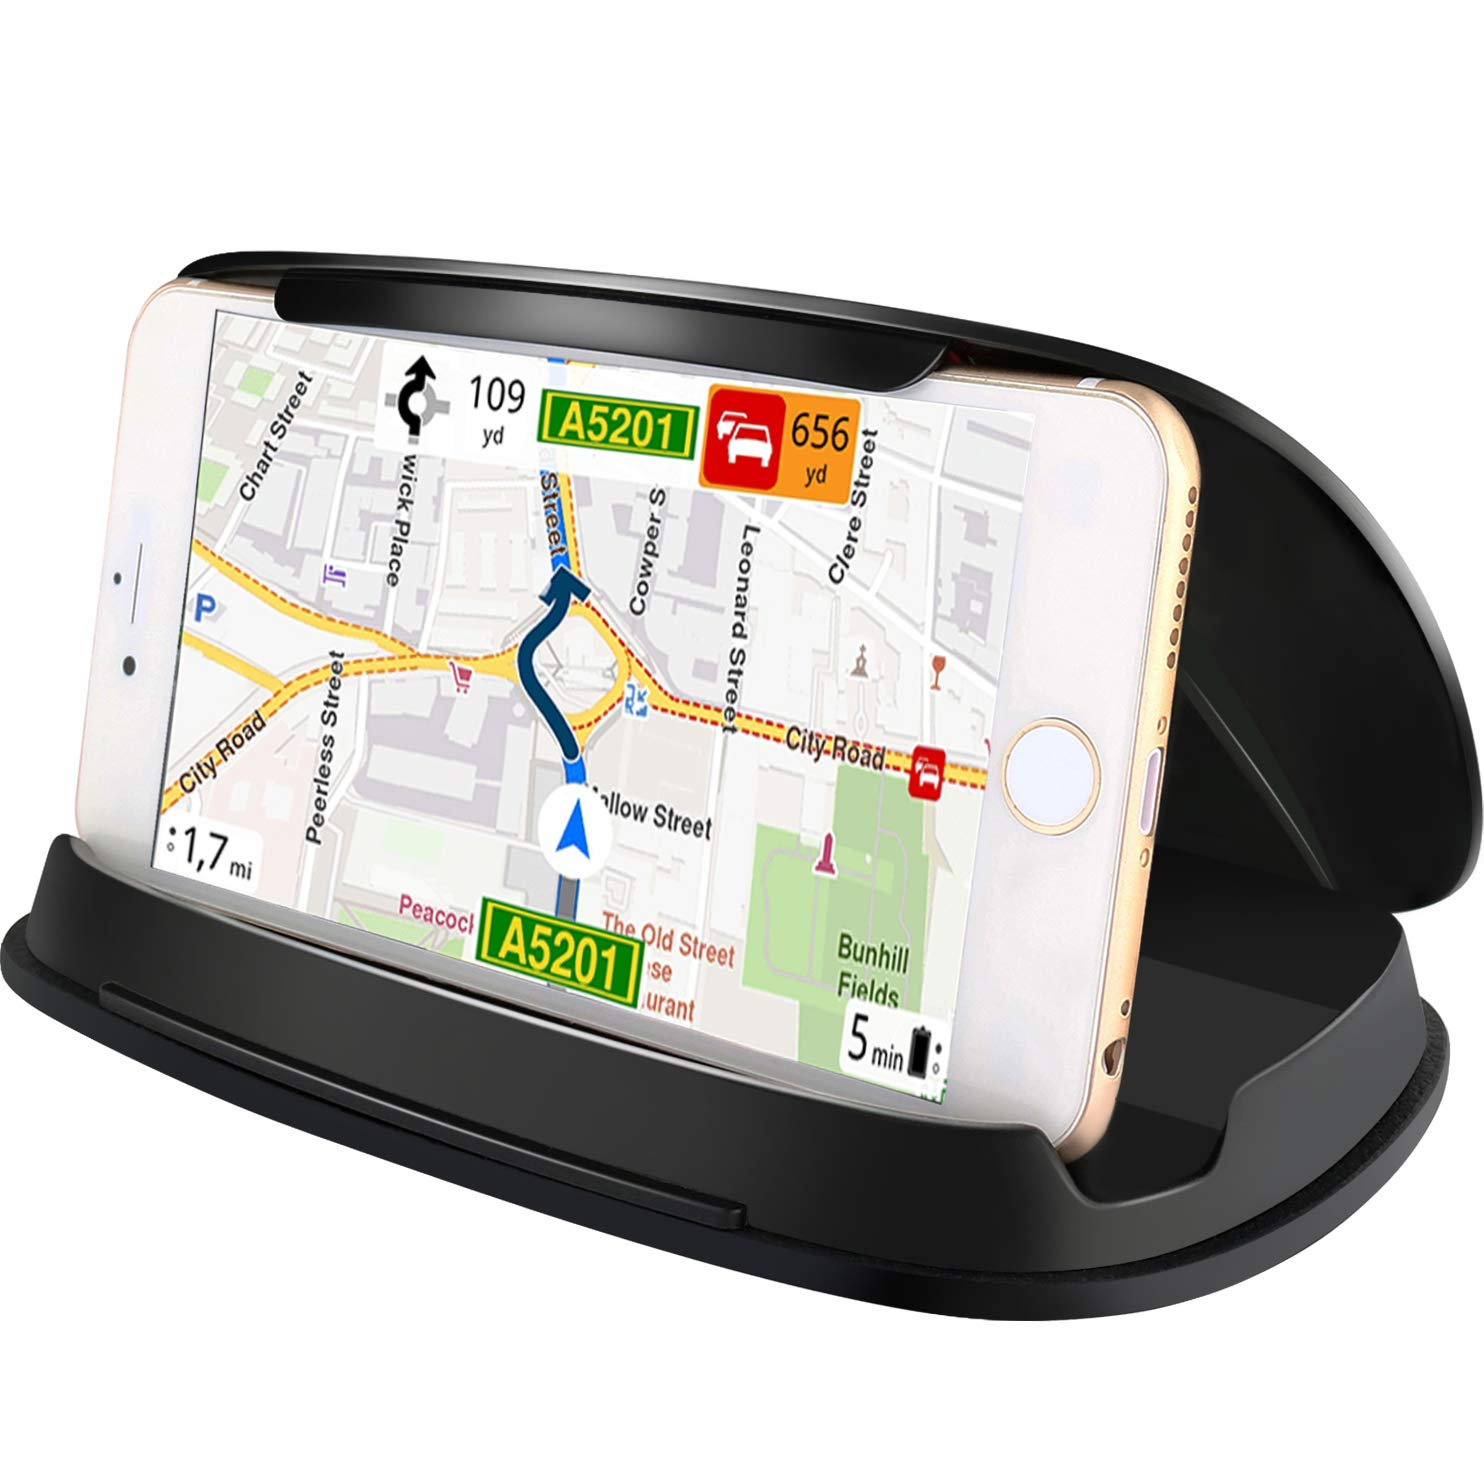 7//7 Plus Schwarz Universal-Armaturenbrett GPS Halterung f/ür iPhone 8 X 6 6Plus und andere 3,0-6,8 Zoll Smartphones und Navigation Note 8 Autotelefonhalter f/ür Samsung Galaxy S8